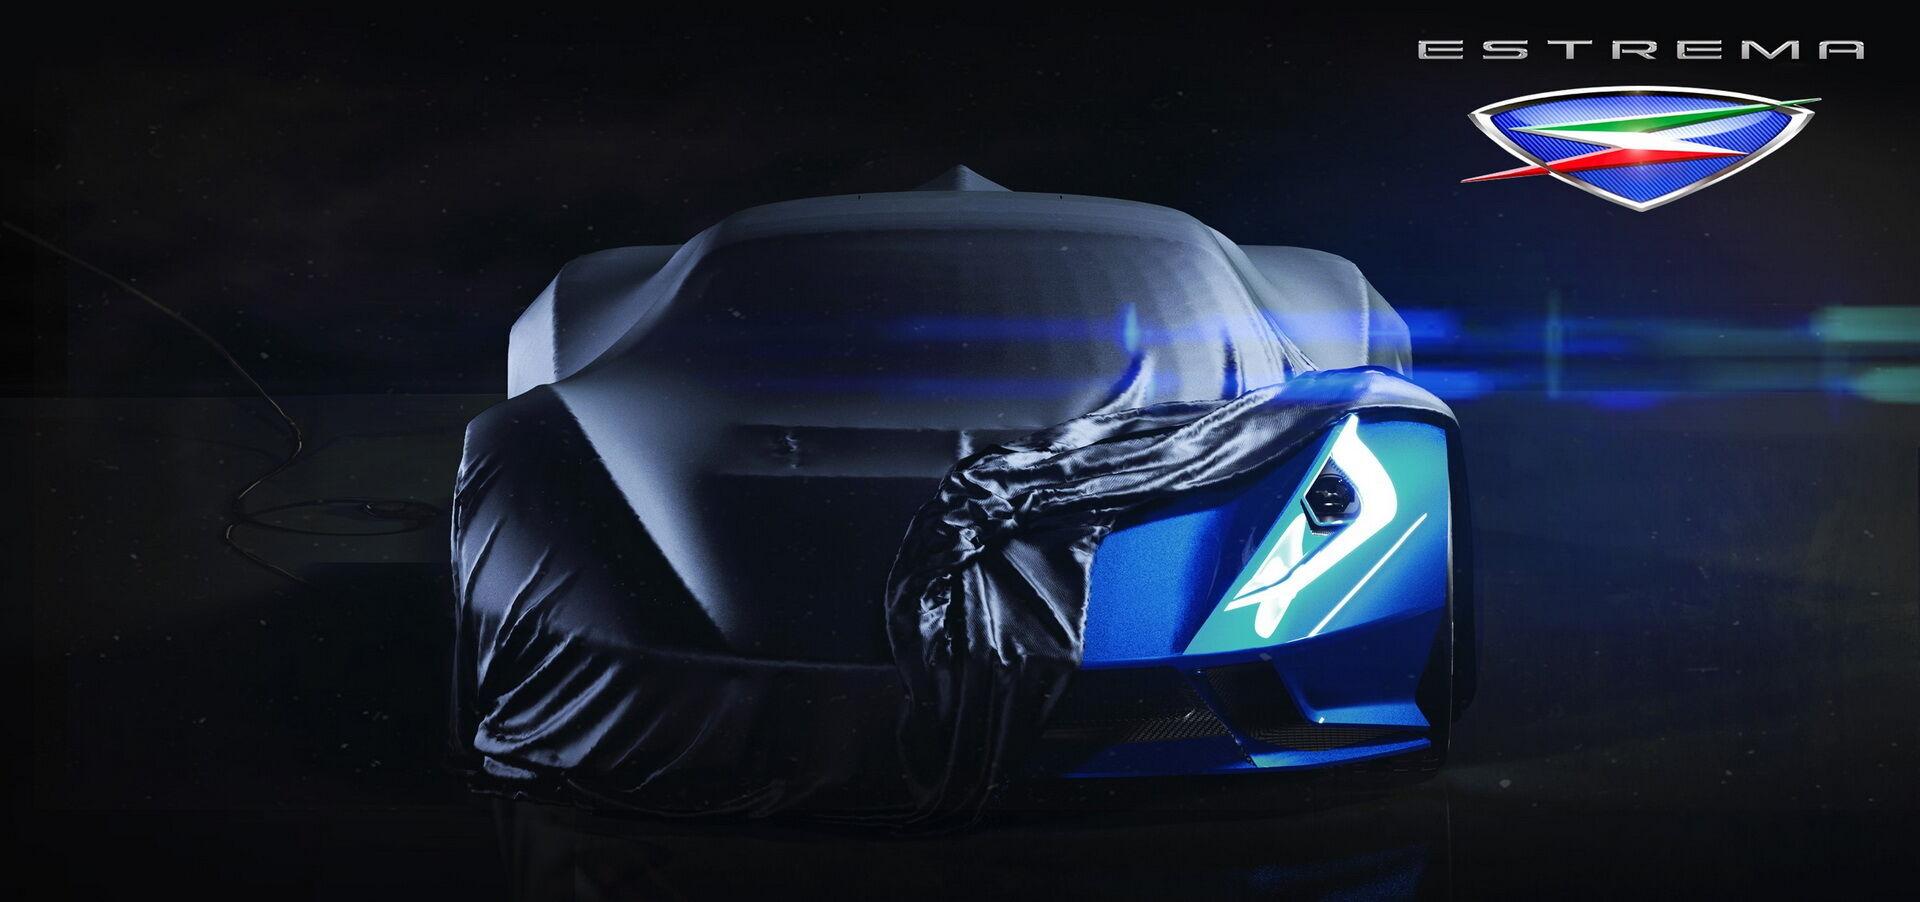 Estrema Fulminea станет первым детищем компании Automobili Estrema, основанной в Модене Джанфранко Пиццуто